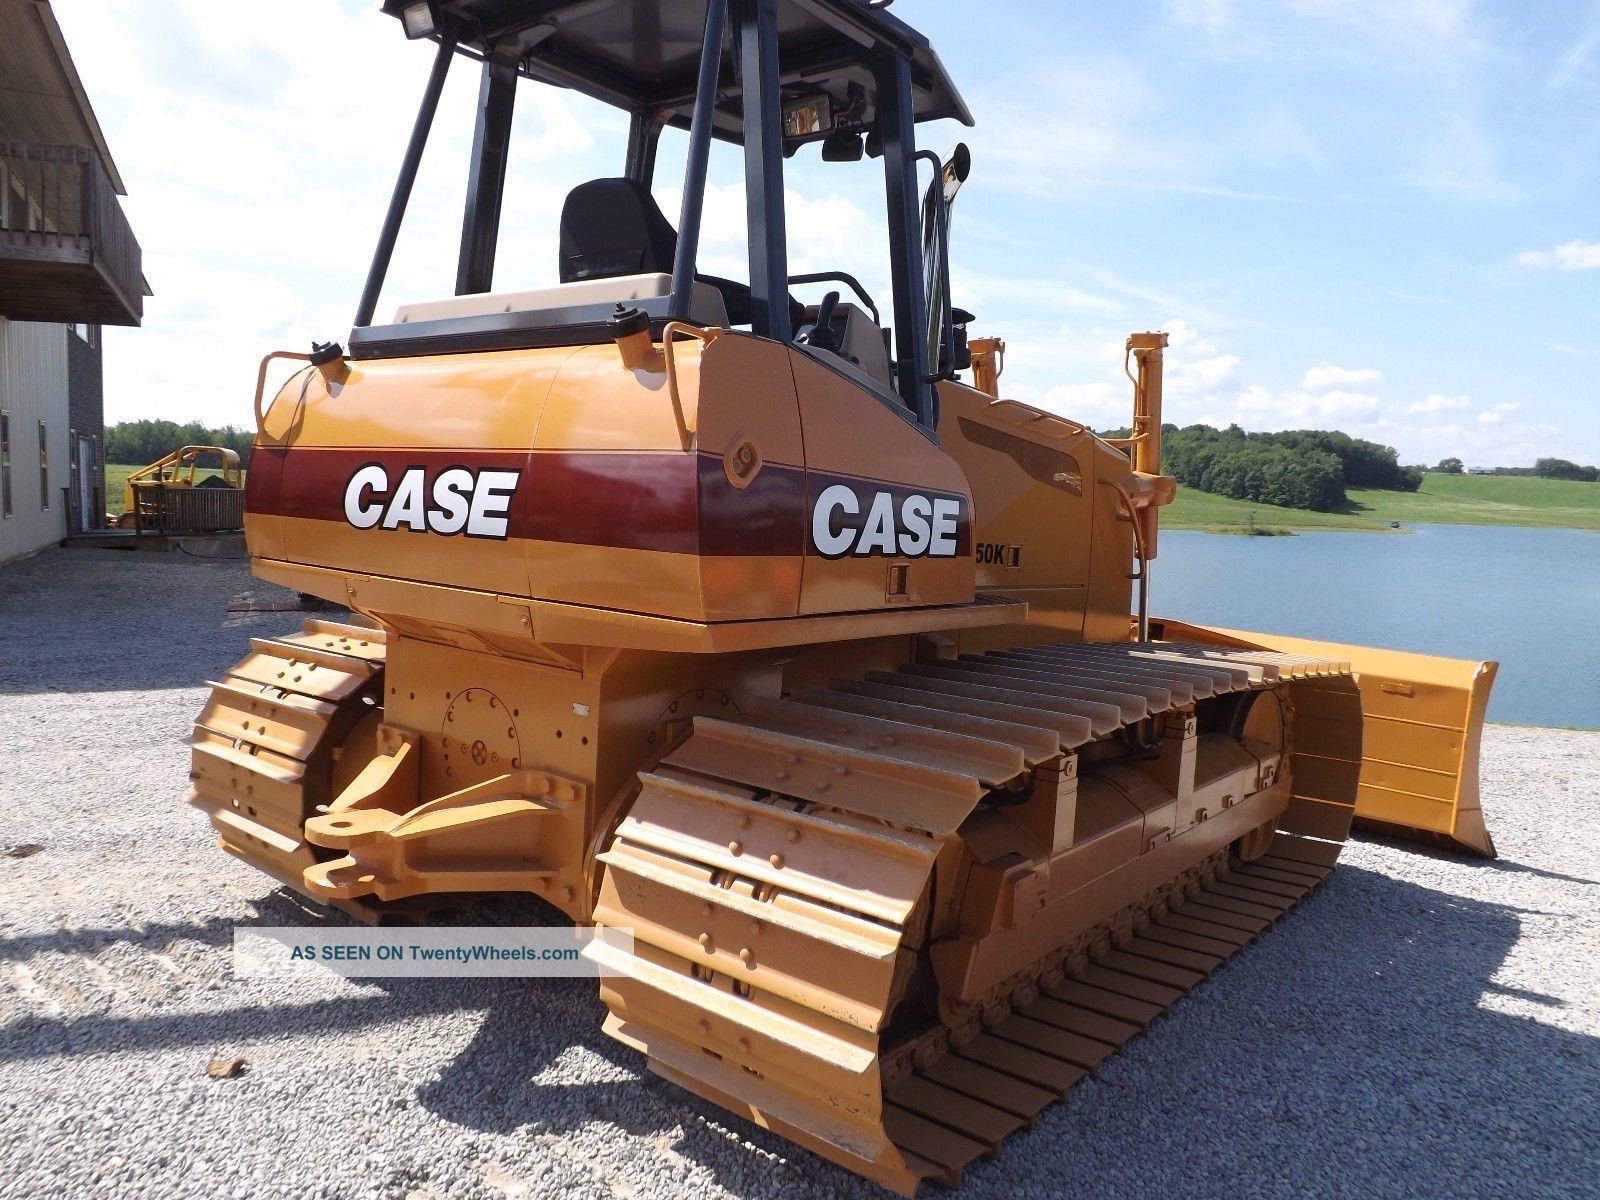 100+ Case 350 Dozer Craigslist – yasminroohi